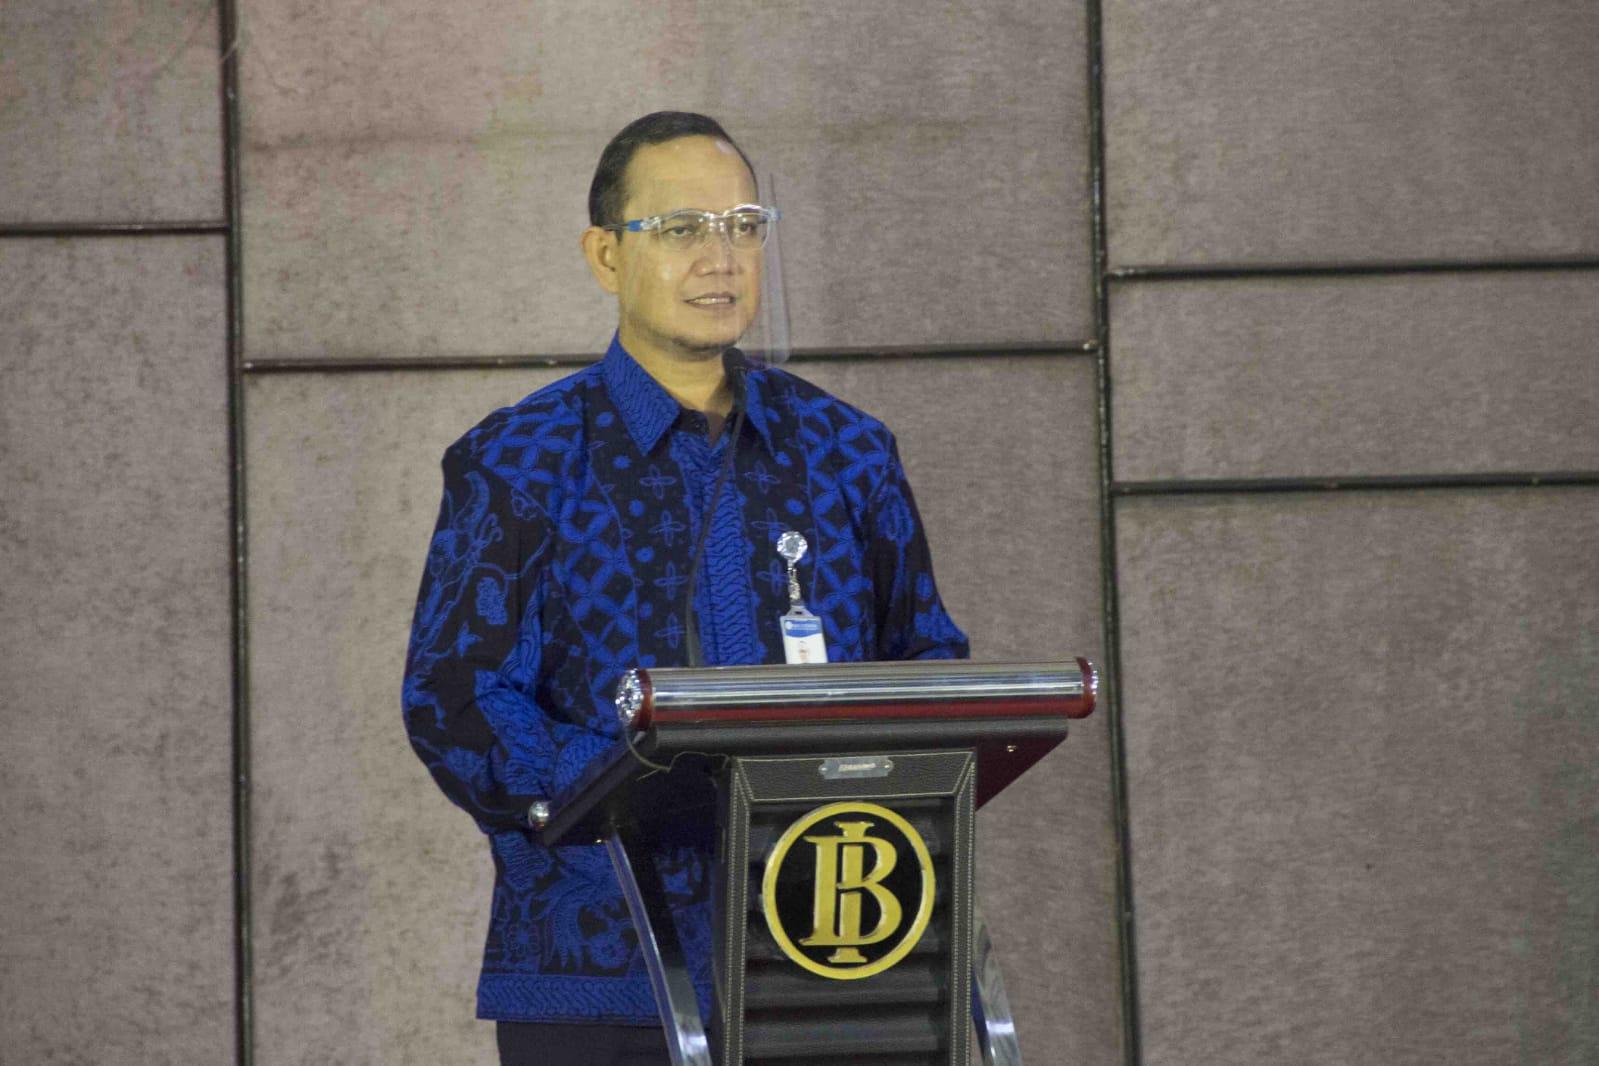 pala Kantor Perwakilan Bank Indonesia (KPwBI) Jember, Hestu Wibowo